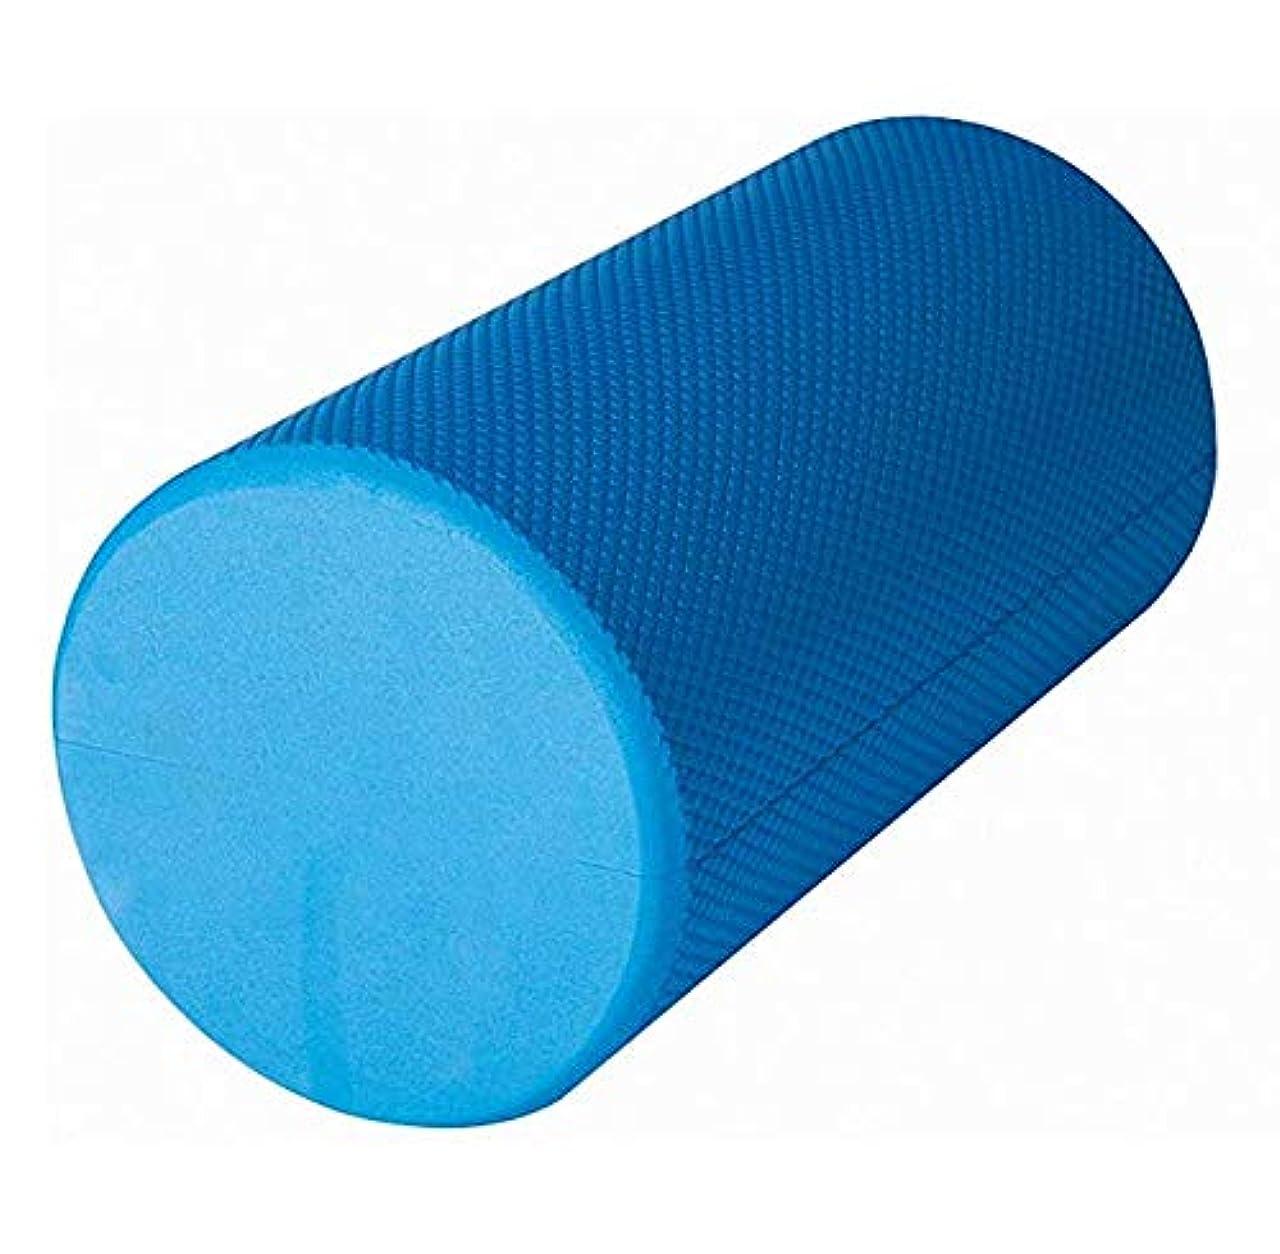 ホールチラチラする受け継ぐフォームローラー、ディープティシューマッスルマッサージ用バックローラー-ブルー,Blue -30x15cm